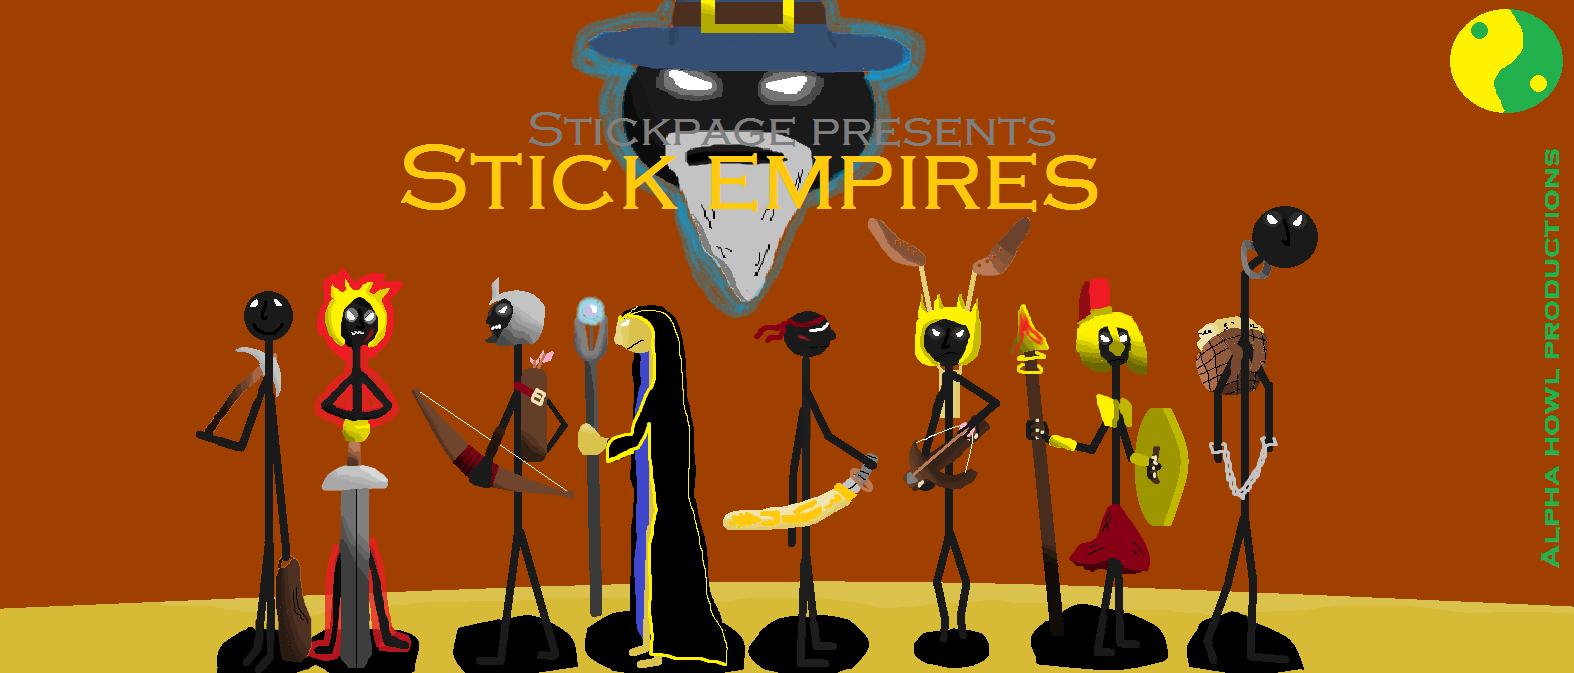 Stick wars two wallpaper final version by Zanzos